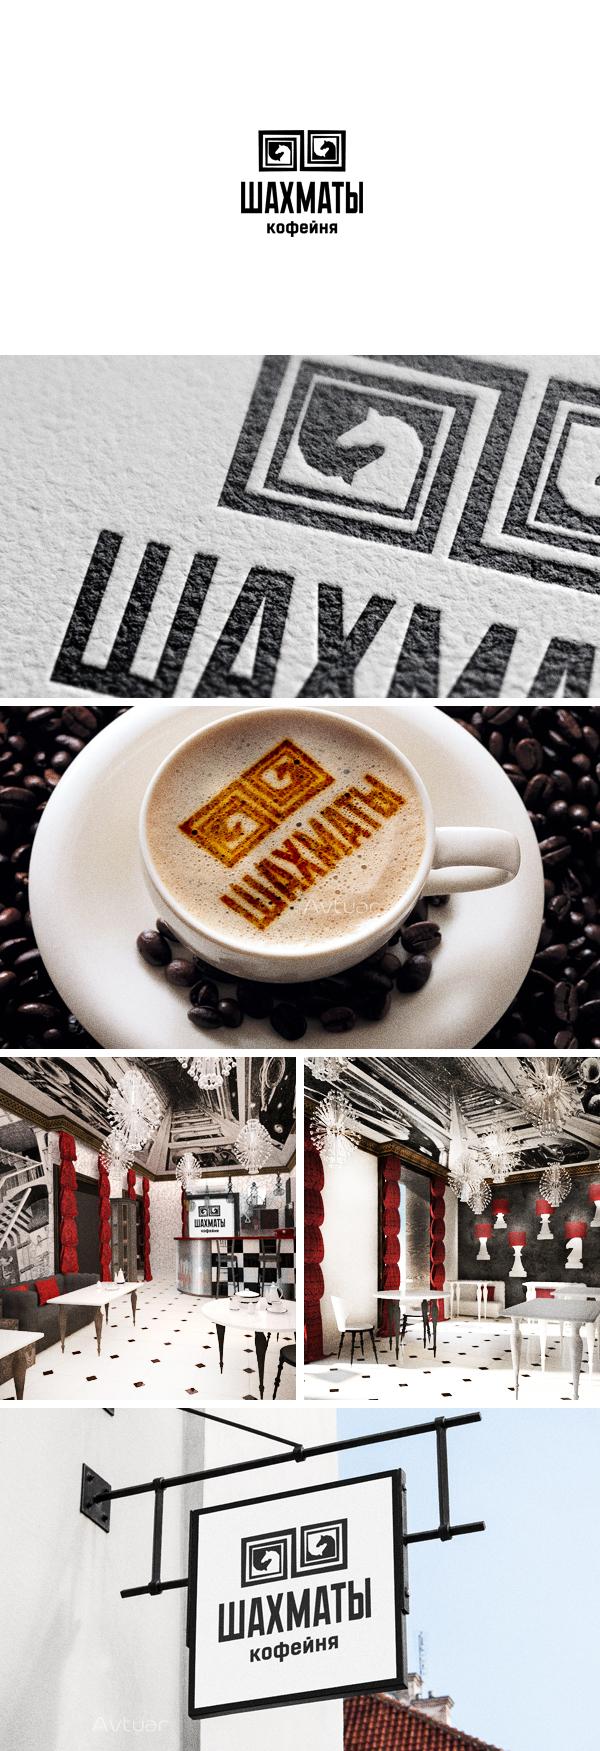 Кофейня ШАХМАТЫ